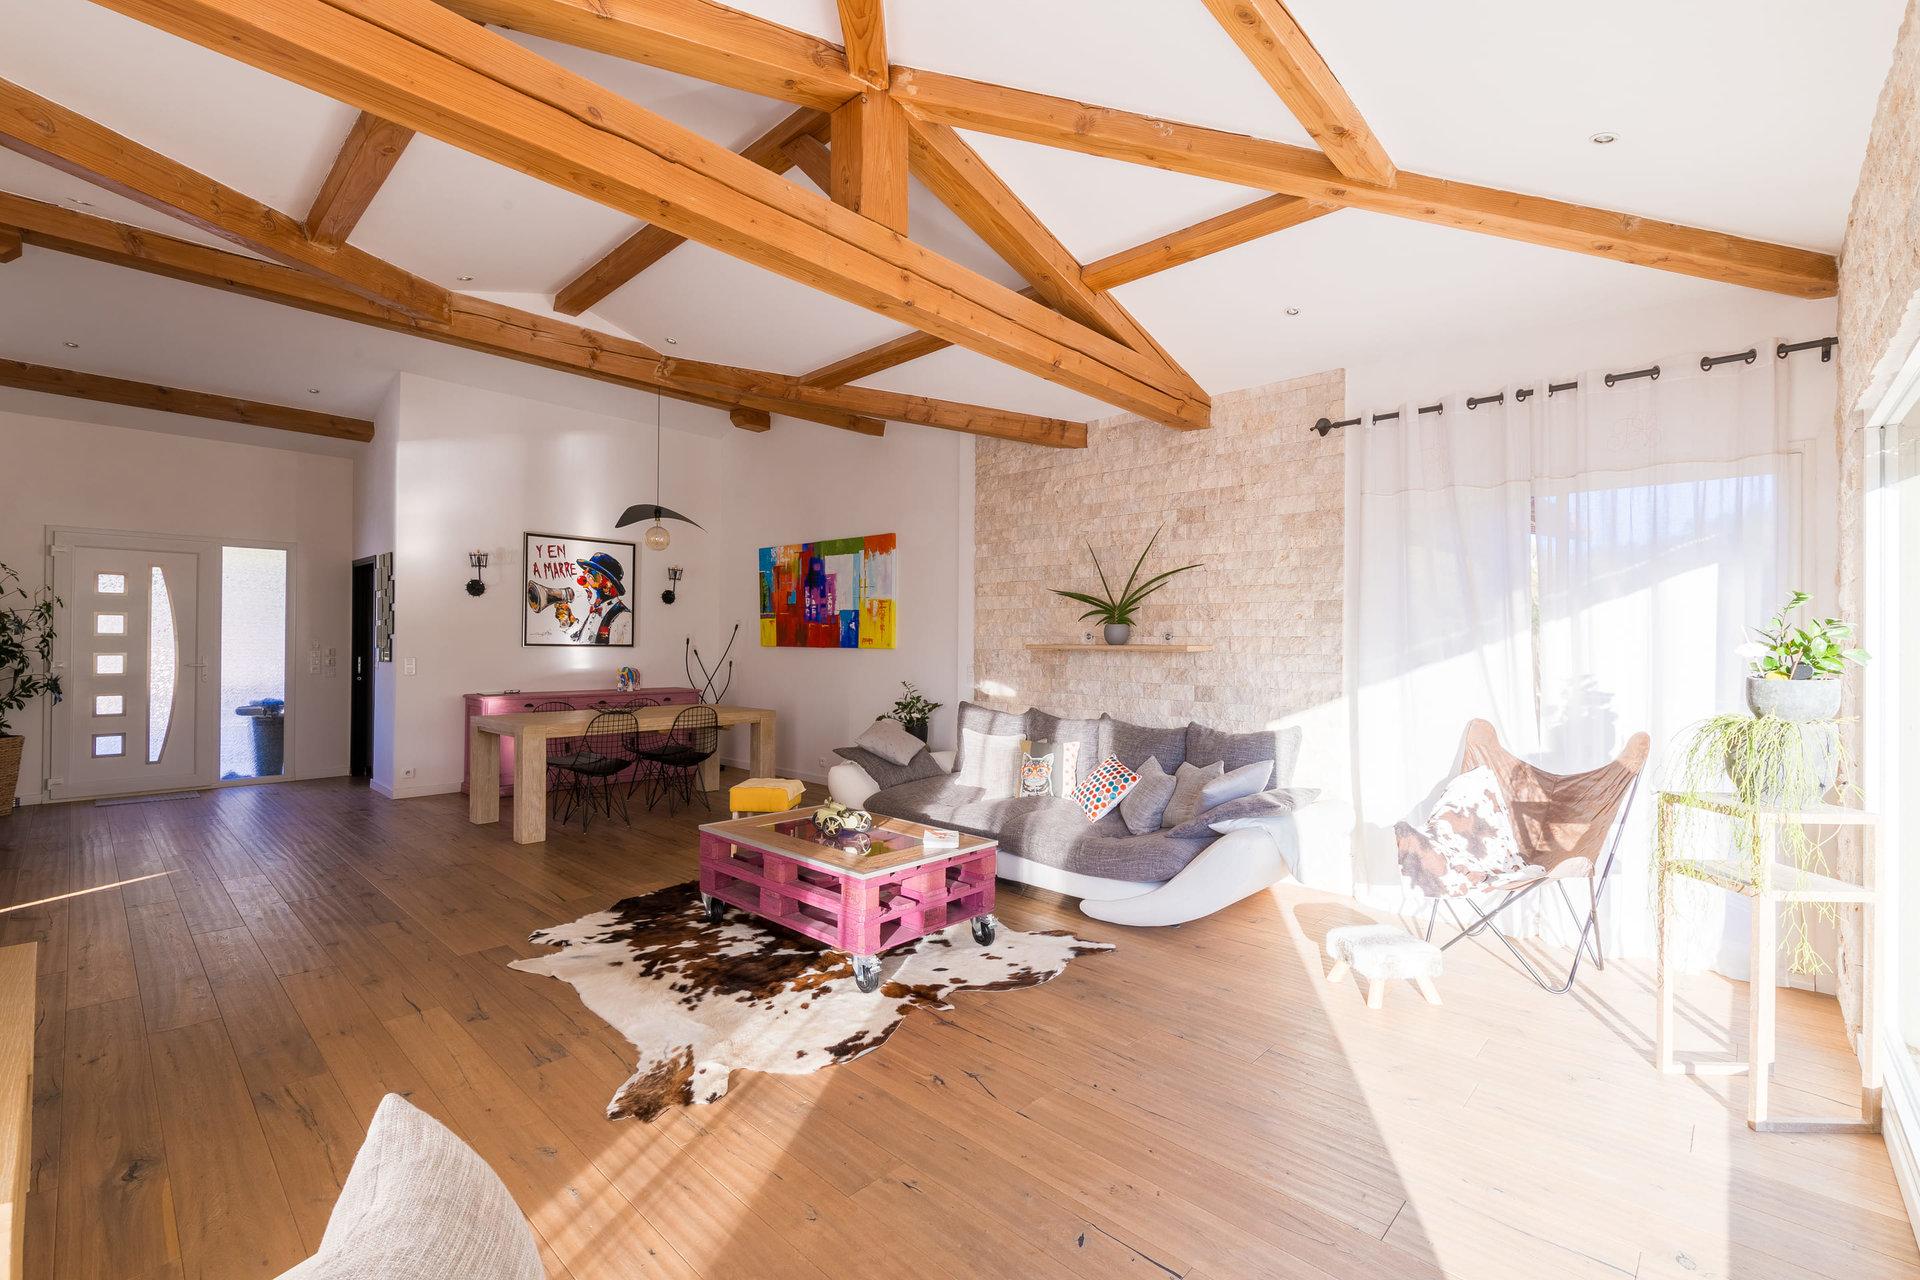 TOURRETTE LEVENS - Magnifique villa contemporaine